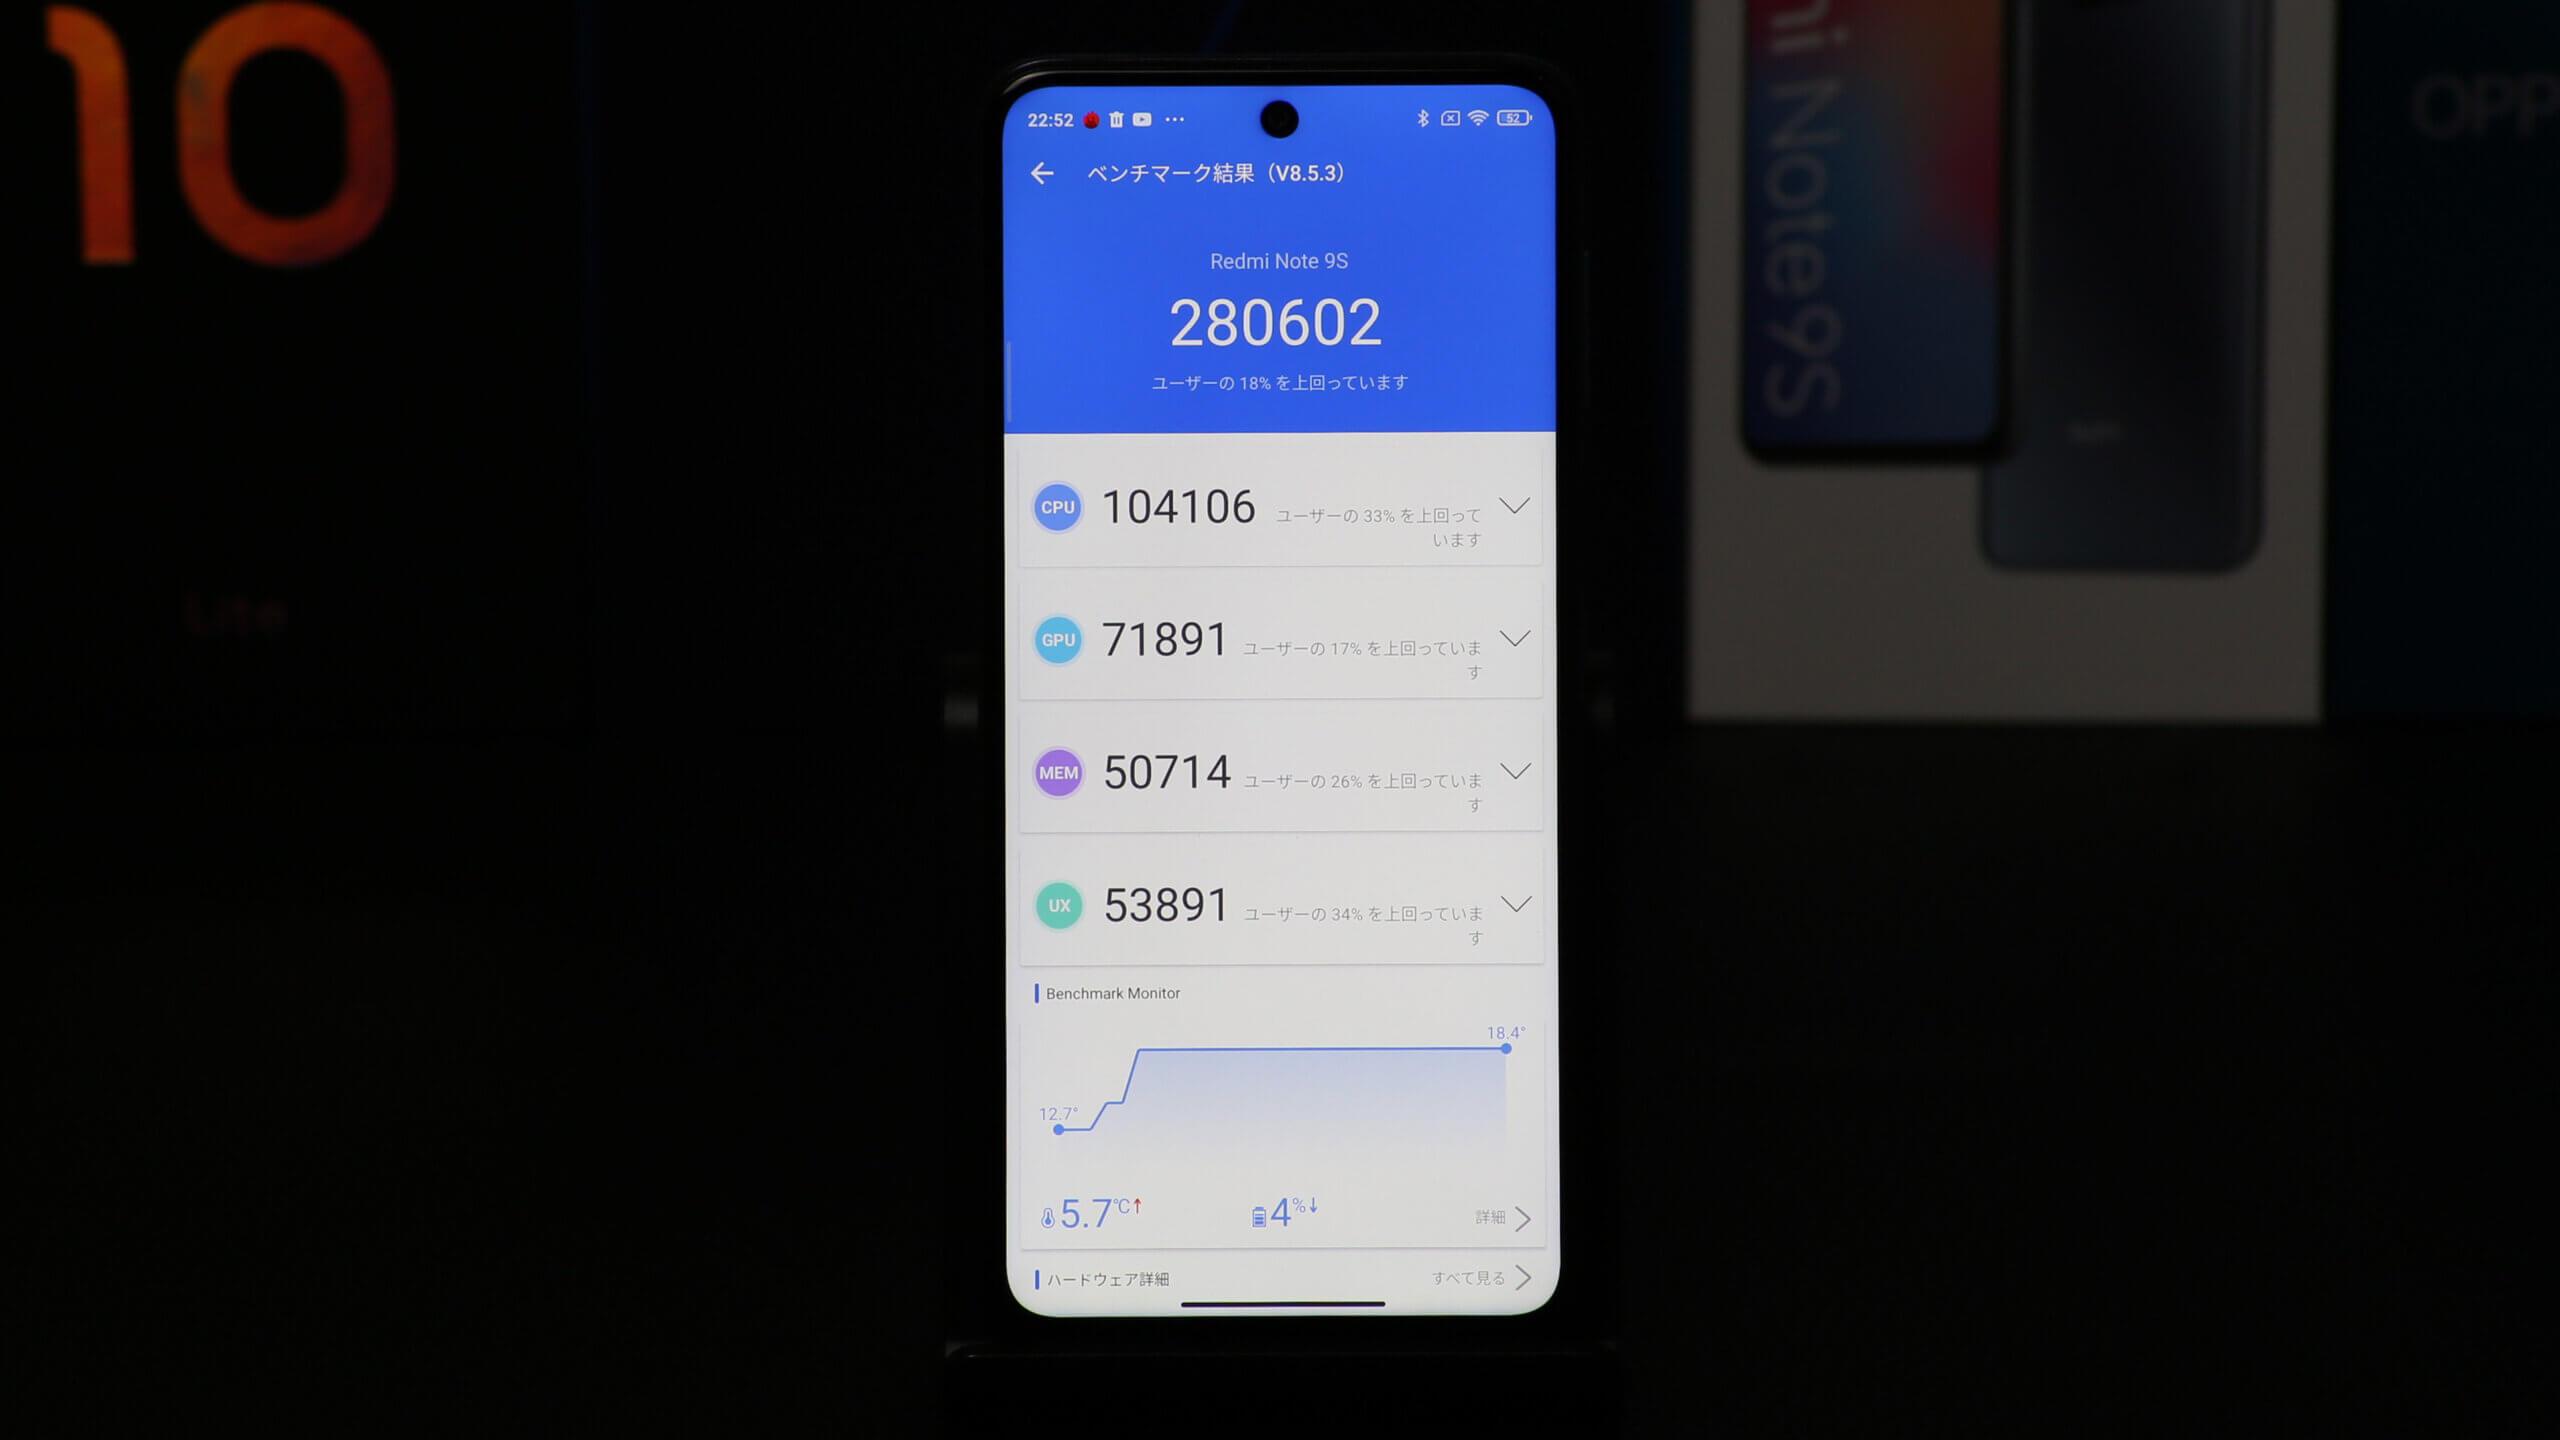 Xiaomi Note 9S Antutuベンチマーク